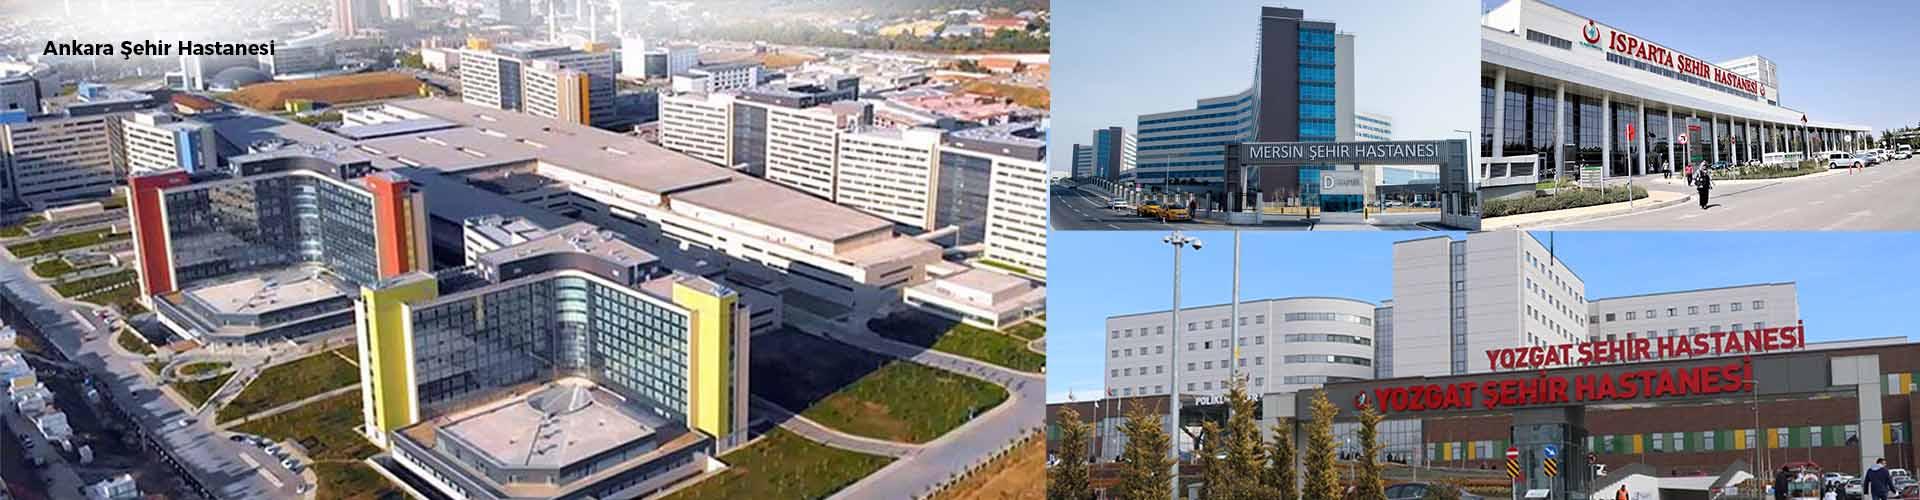 Hastane Destek Hizmetleri - TR 2019